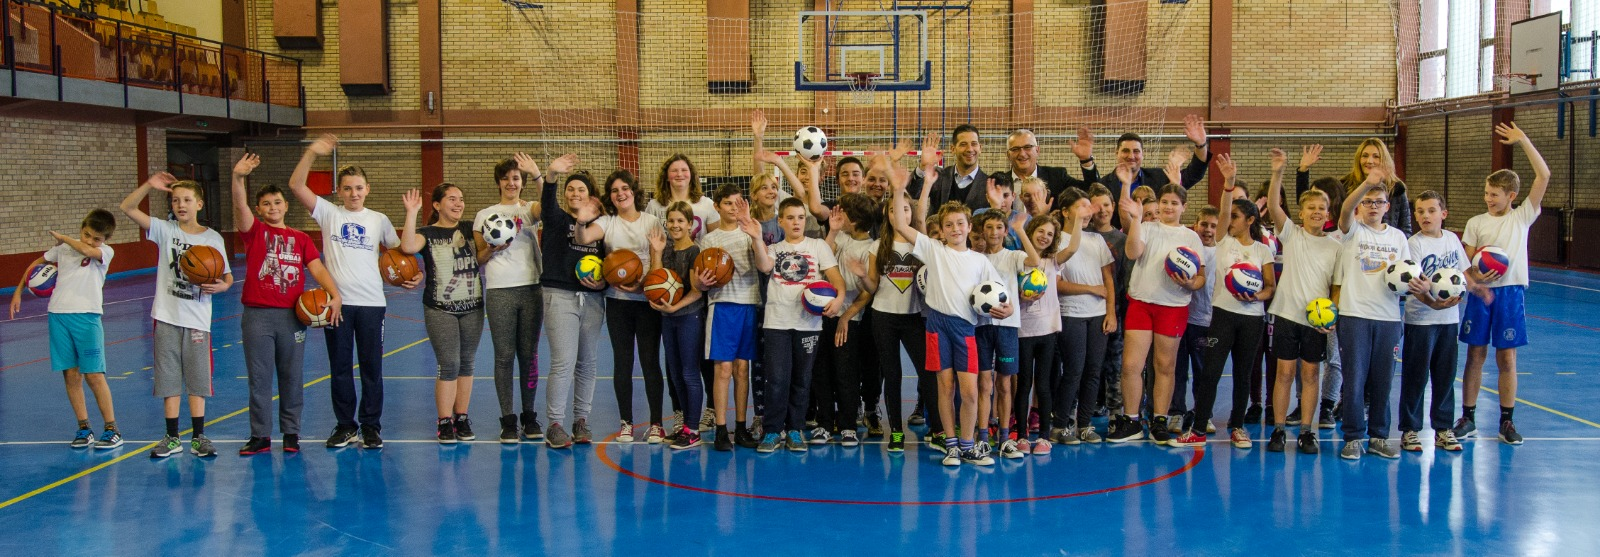 Министар Удовичић посетио општину Кула и уручио вредну донацију у спортској опреми школама